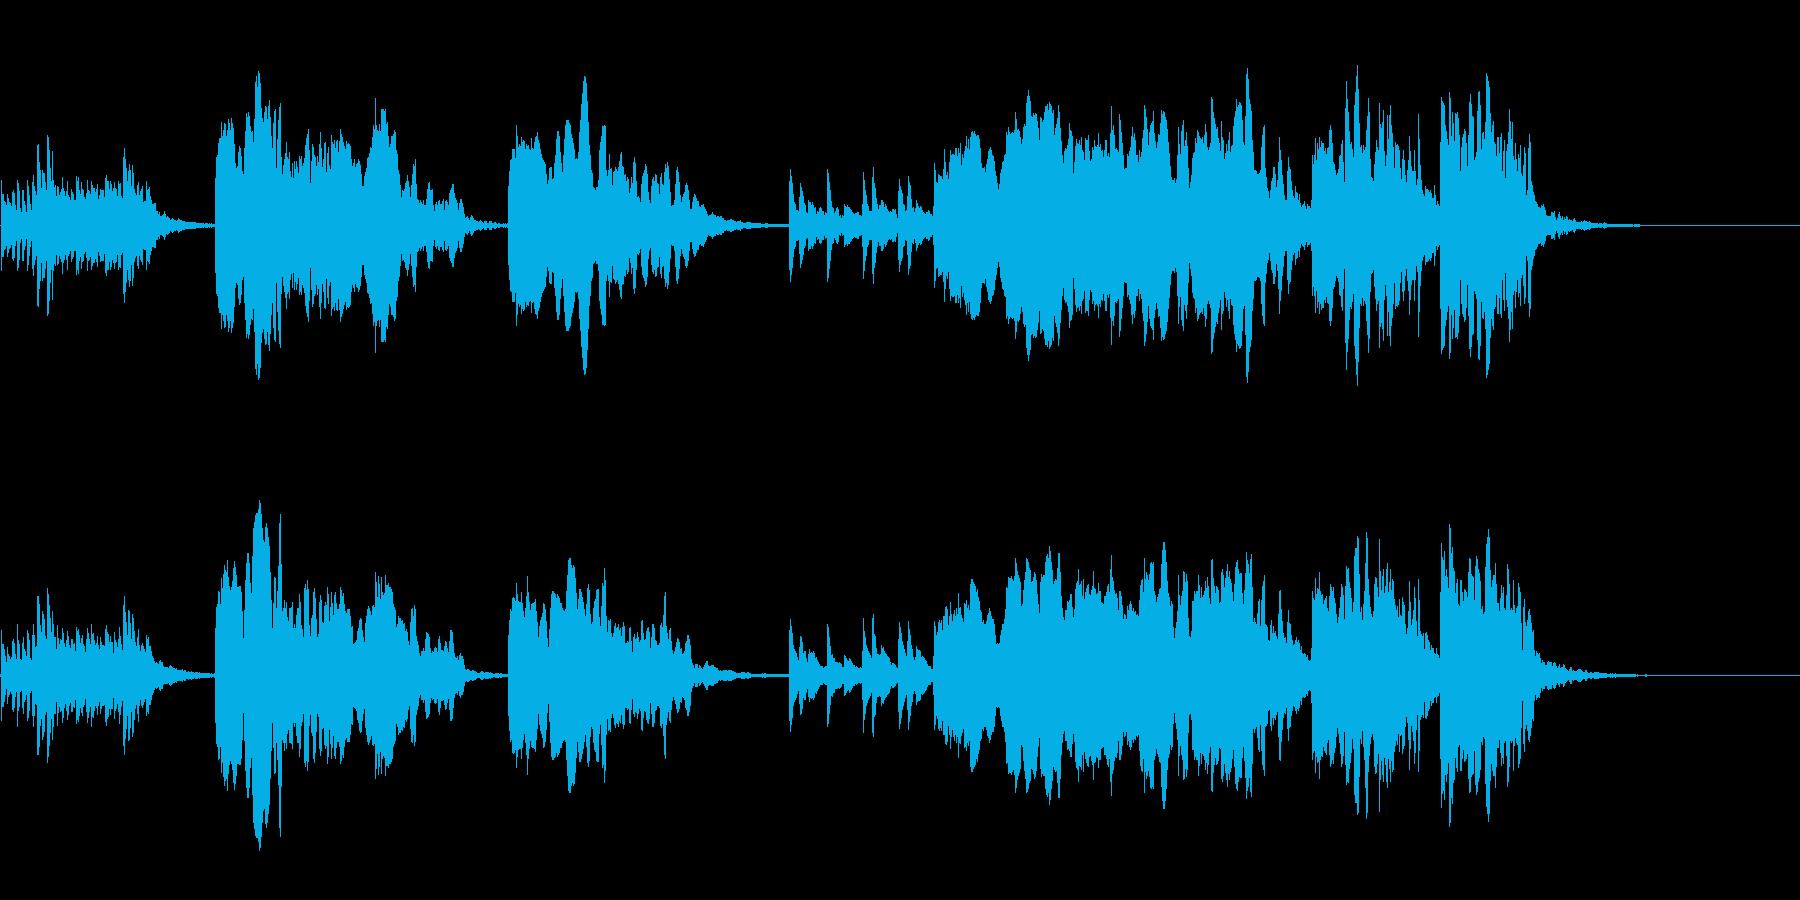 尺八と琴の純和風なイントロの再生済みの波形